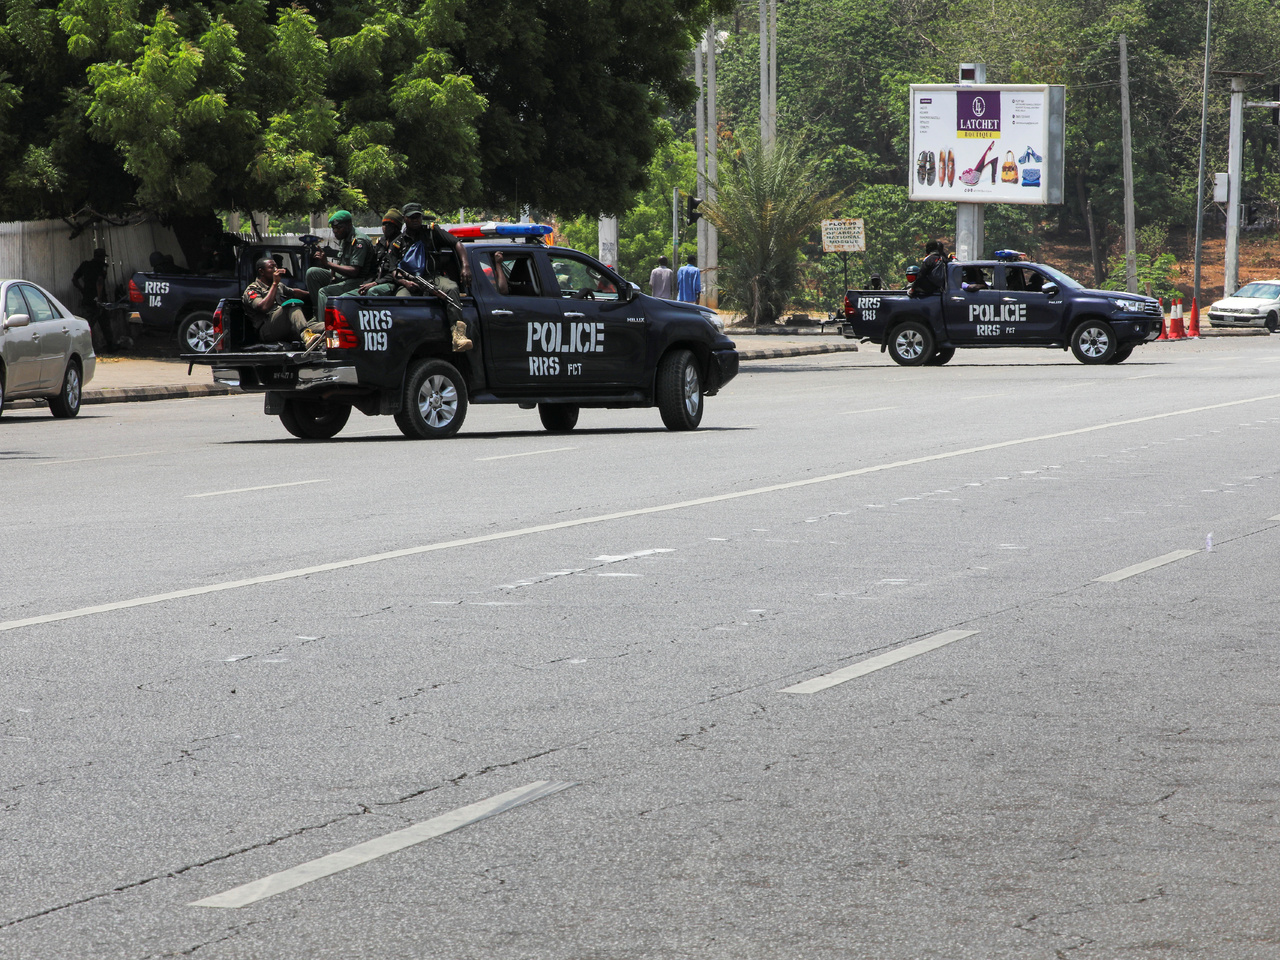 В Нигерии вооруженные люди похитили из школы детей